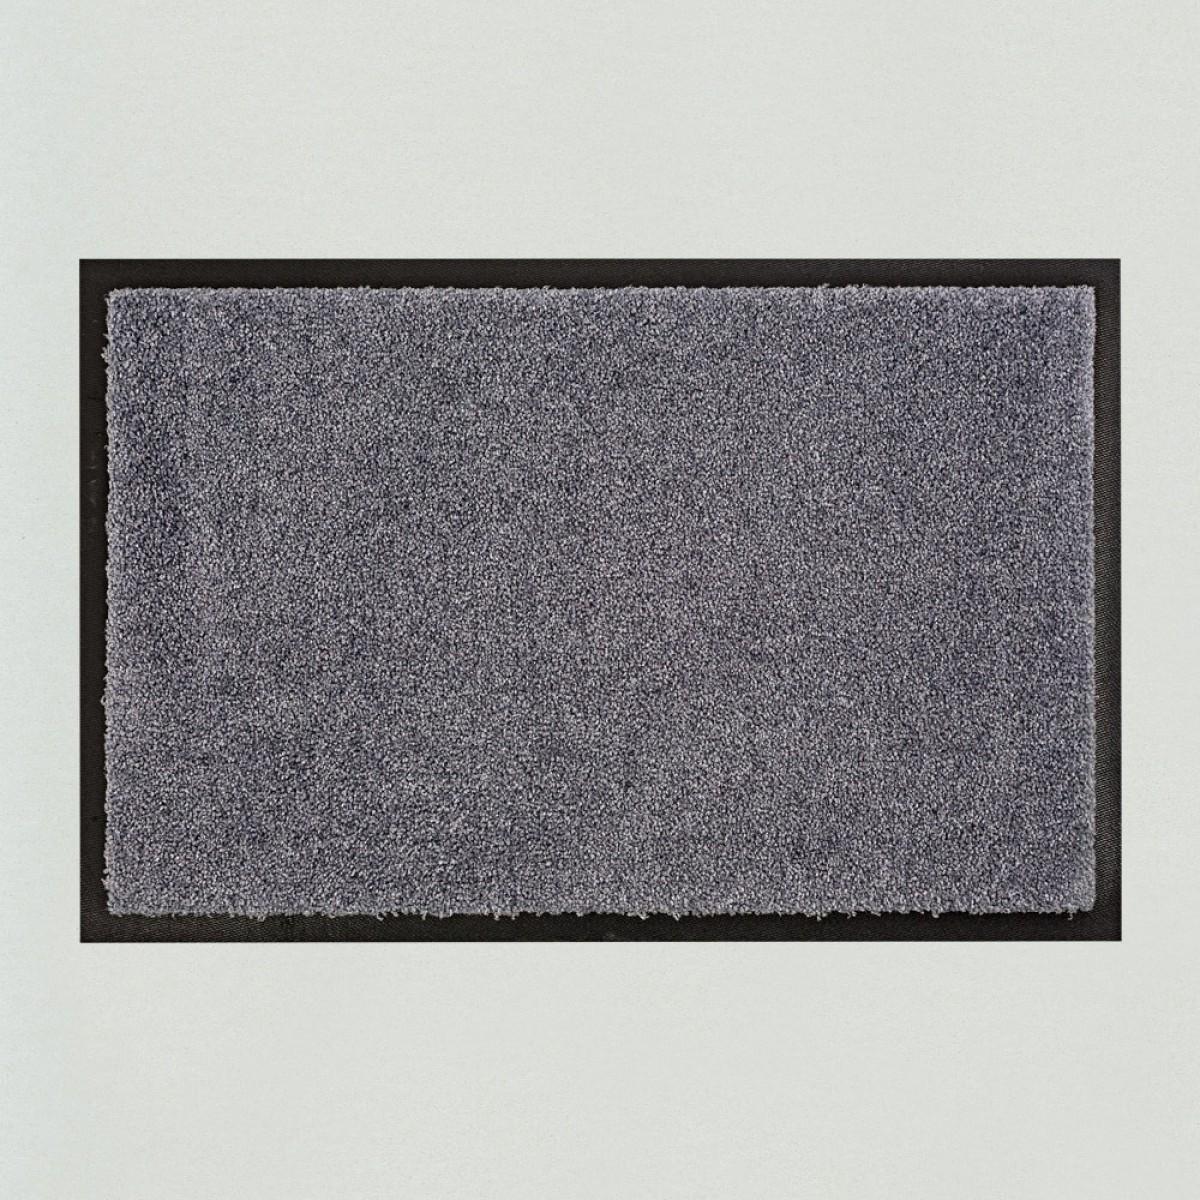 Frisch Fußmatte Uni Dunkelgrau kaufen - verschiedene Größen - Mattenkiste CR89